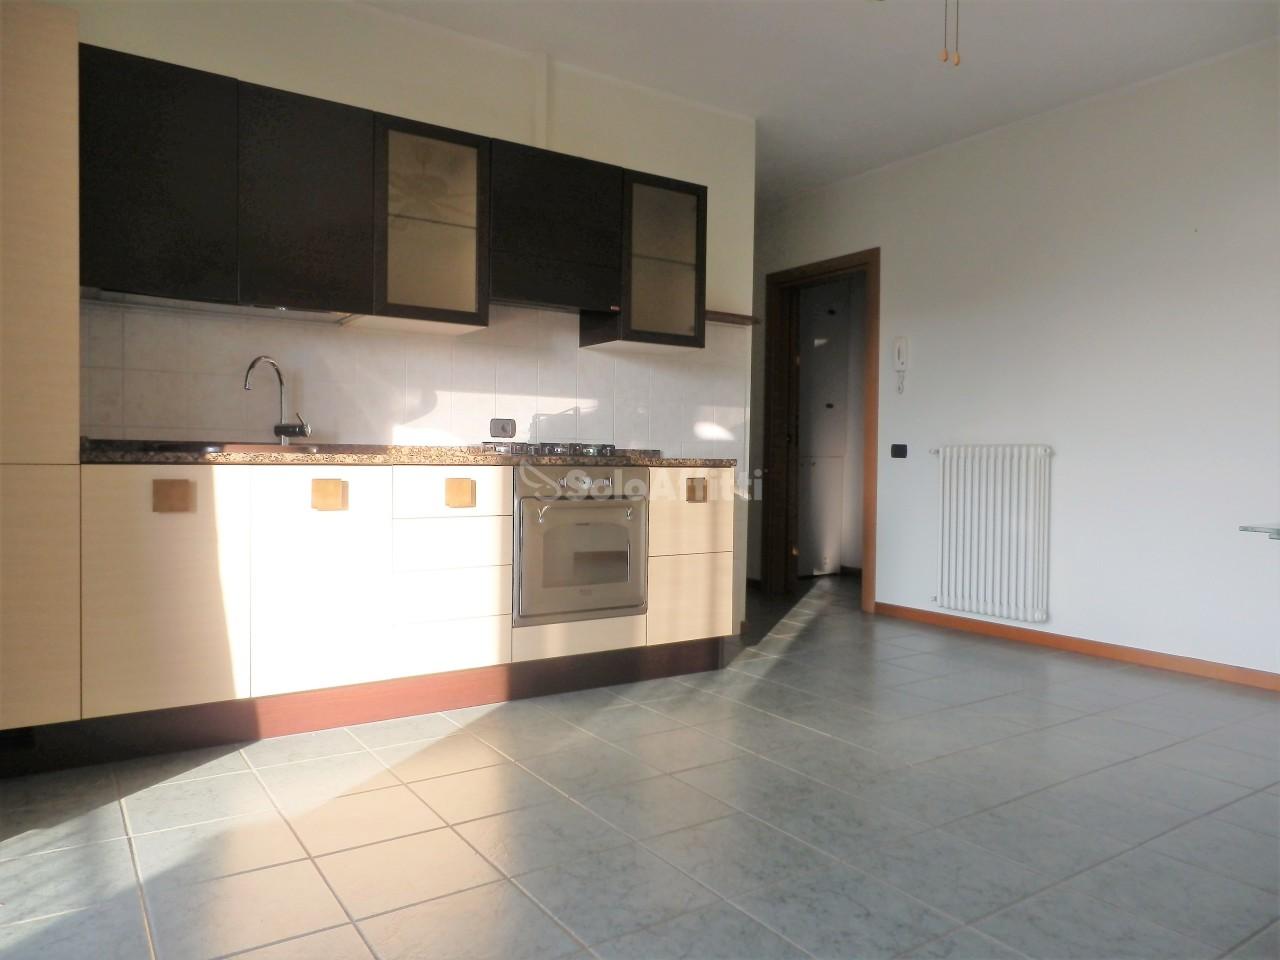 Appartamento in affitto a Olgiate Comasco, 2 locali, prezzo € 650 | PortaleAgenzieImmobiliari.it